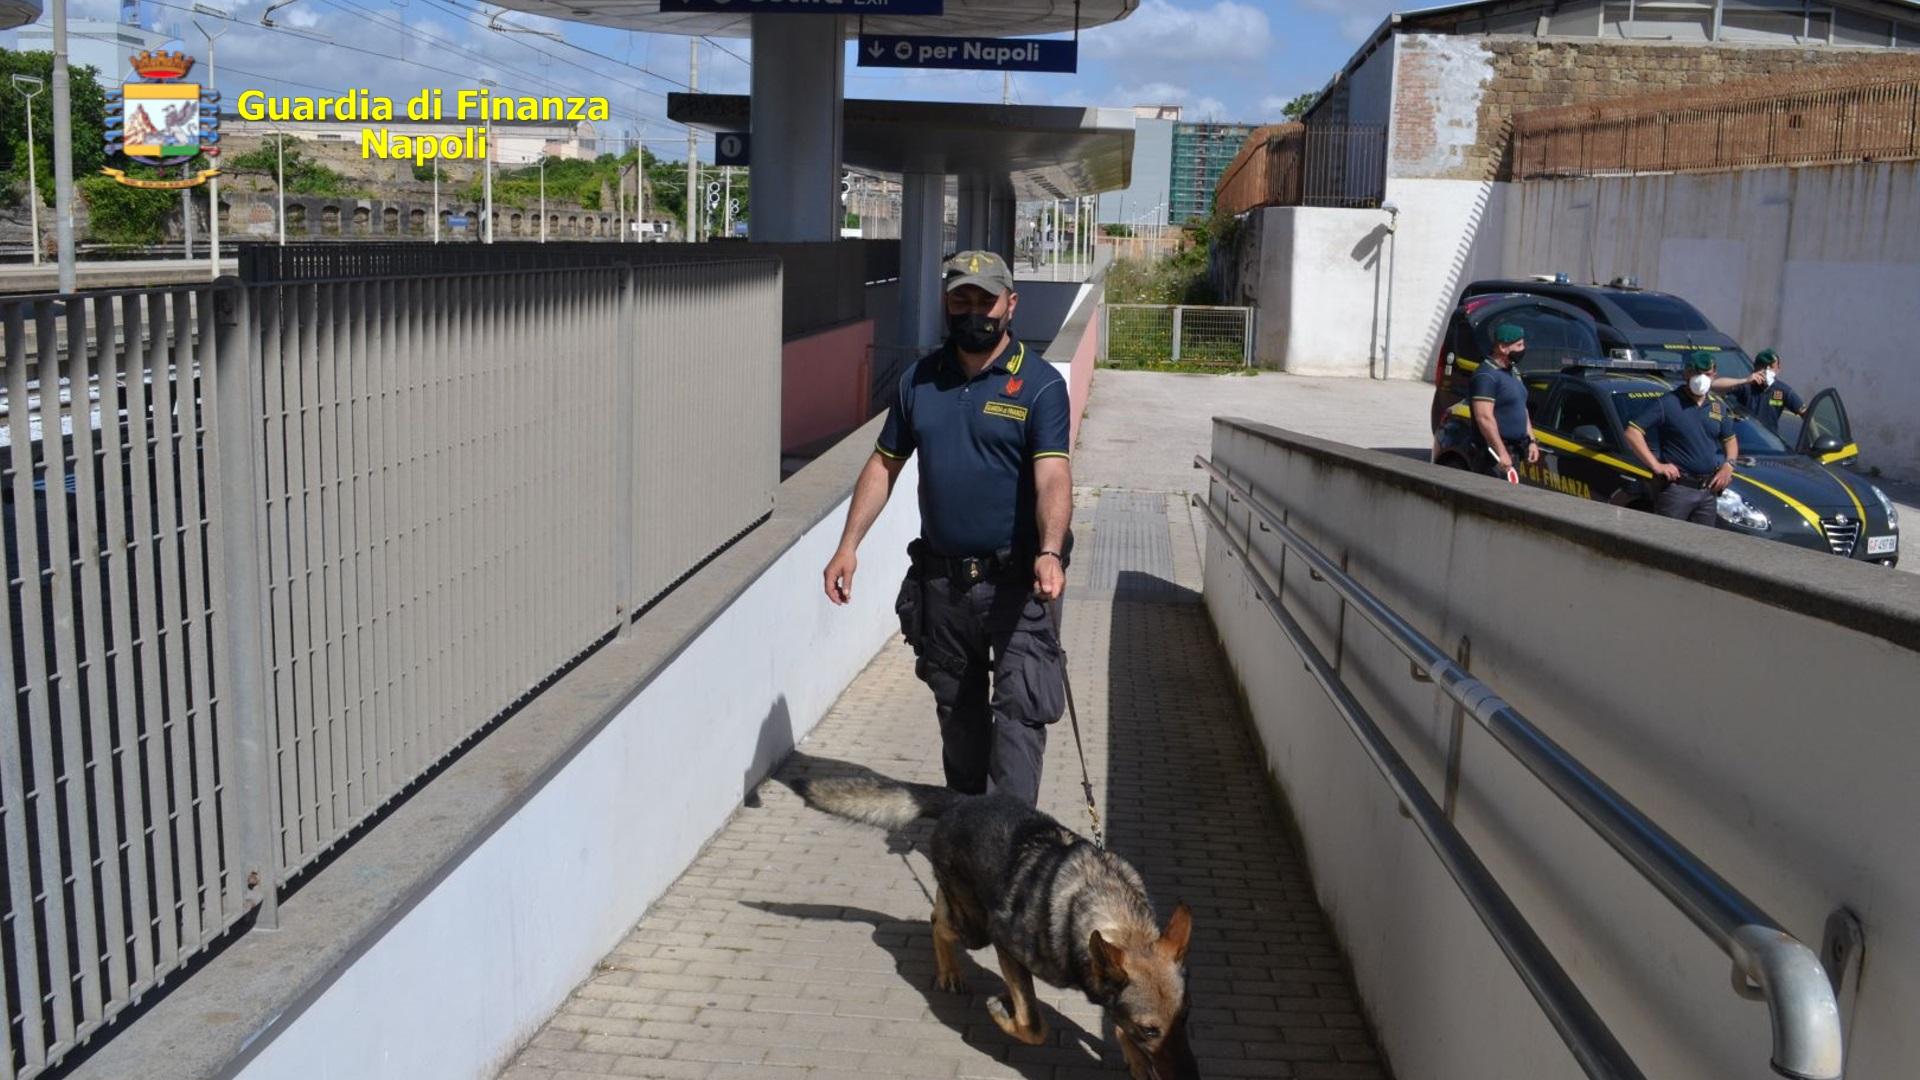 Napoli, controlli Guardia di Finanza VI Municipalità: 13 illeciti rilevati per droga e contrabbando